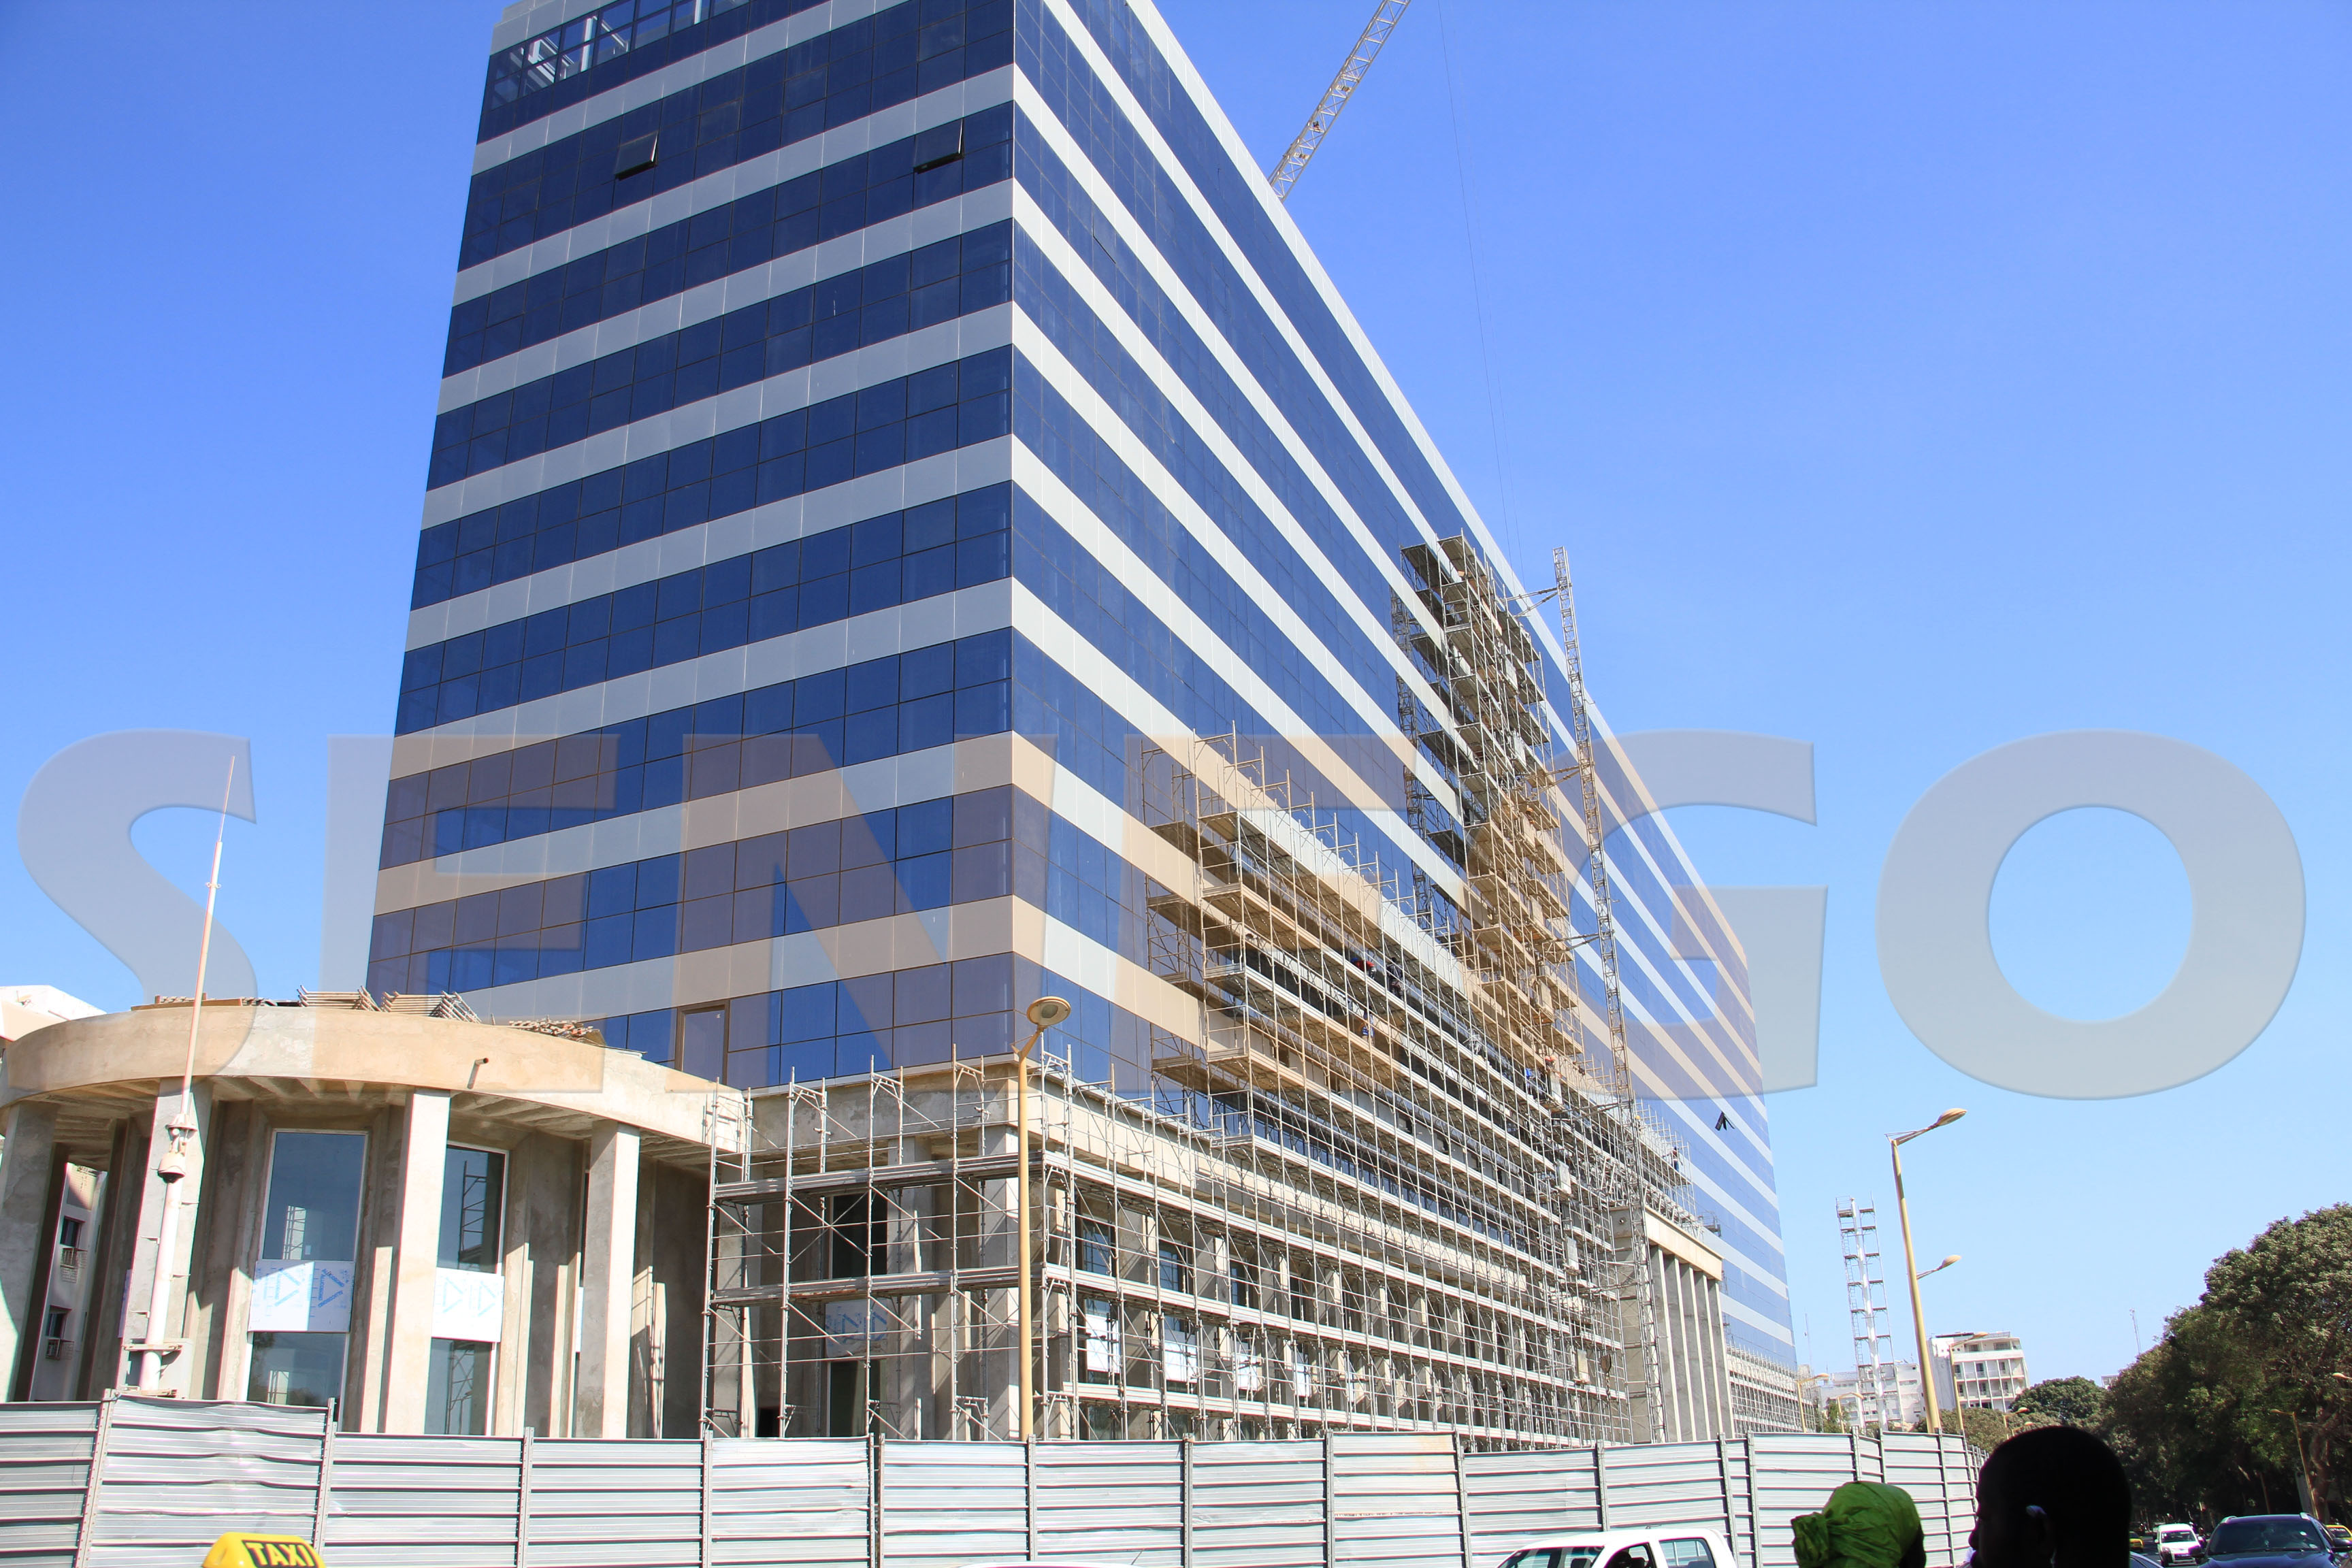 17 milliards, 40 milliards, réfection du Building Administratif